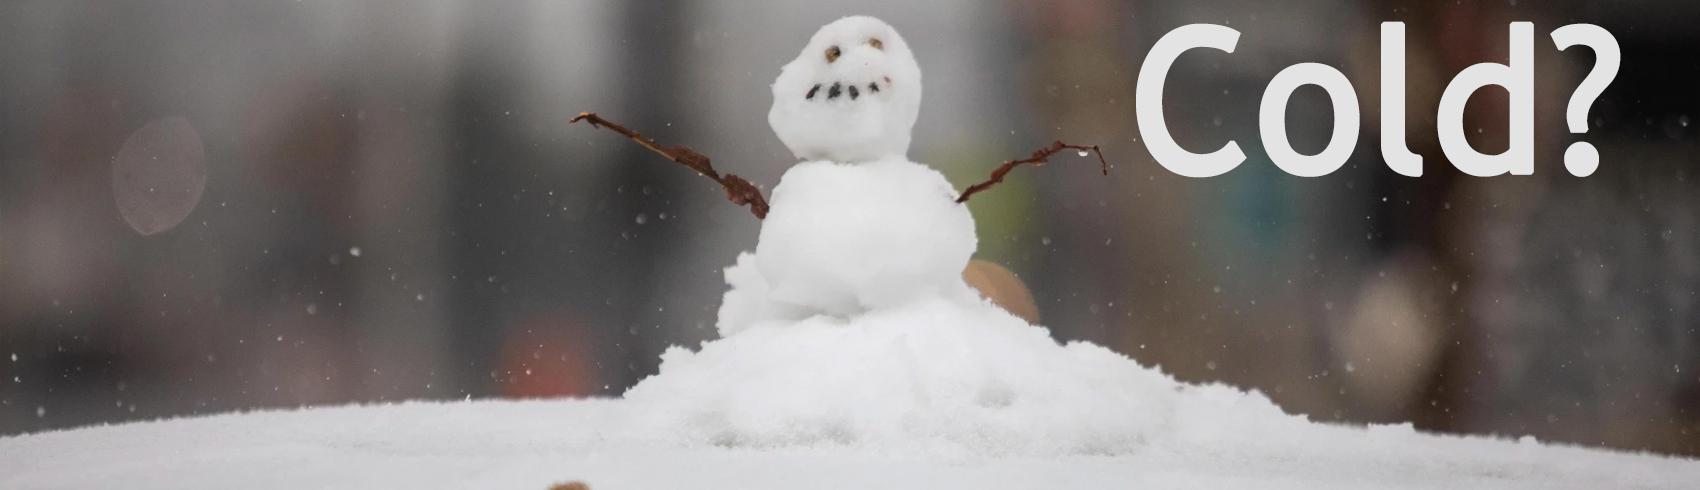 snow-in-austin-copy.jpg